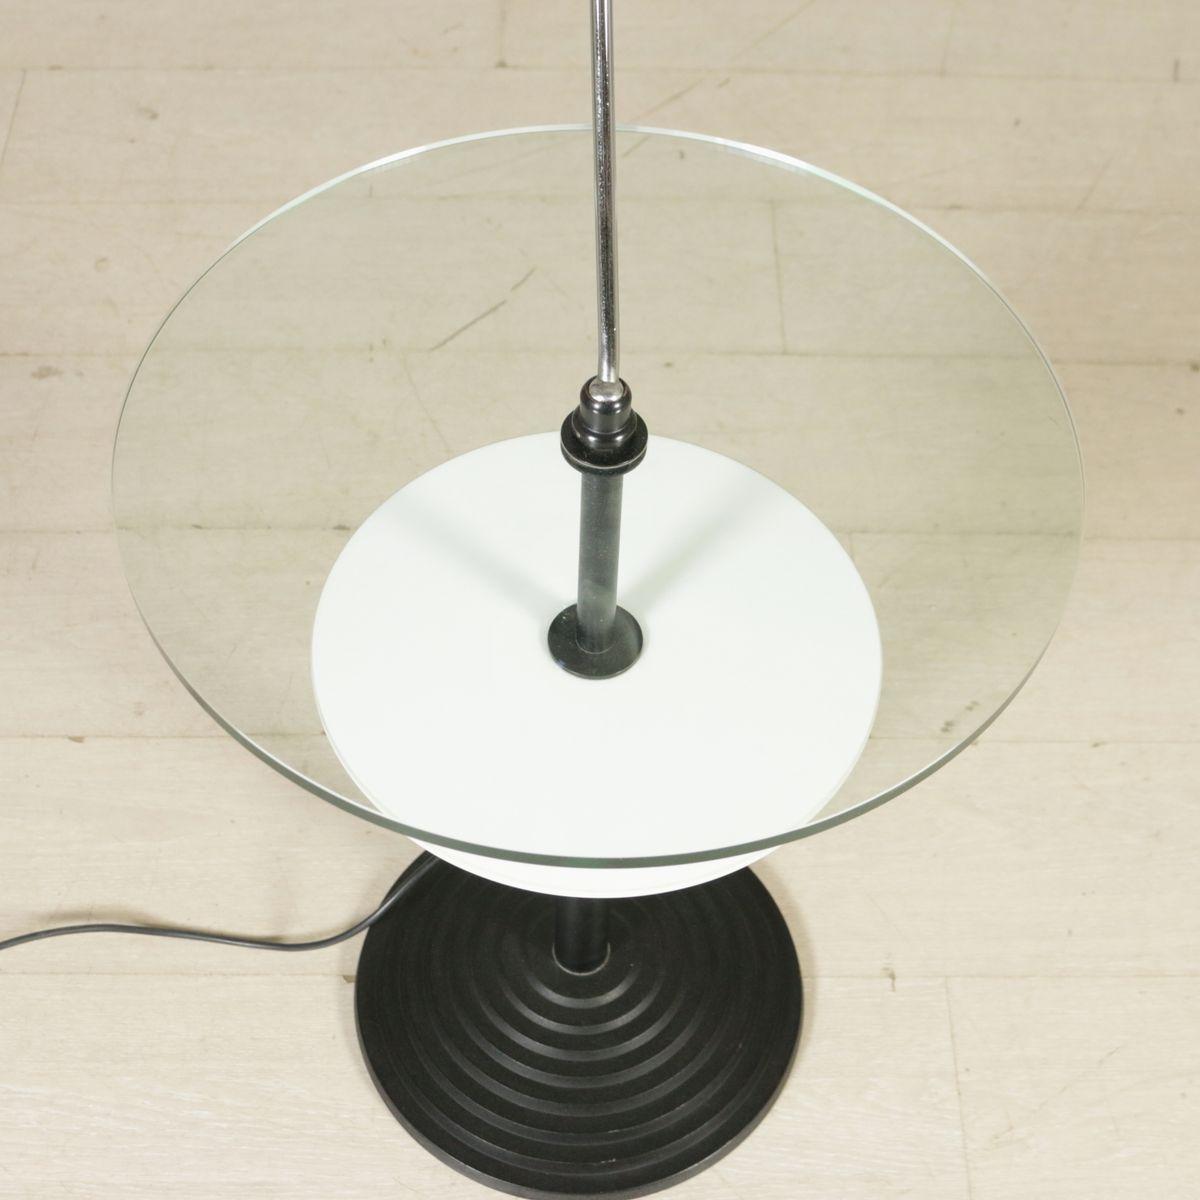 modell altair 2755 stehlampe mit ablage von daniela puppa. Black Bedroom Furniture Sets. Home Design Ideas